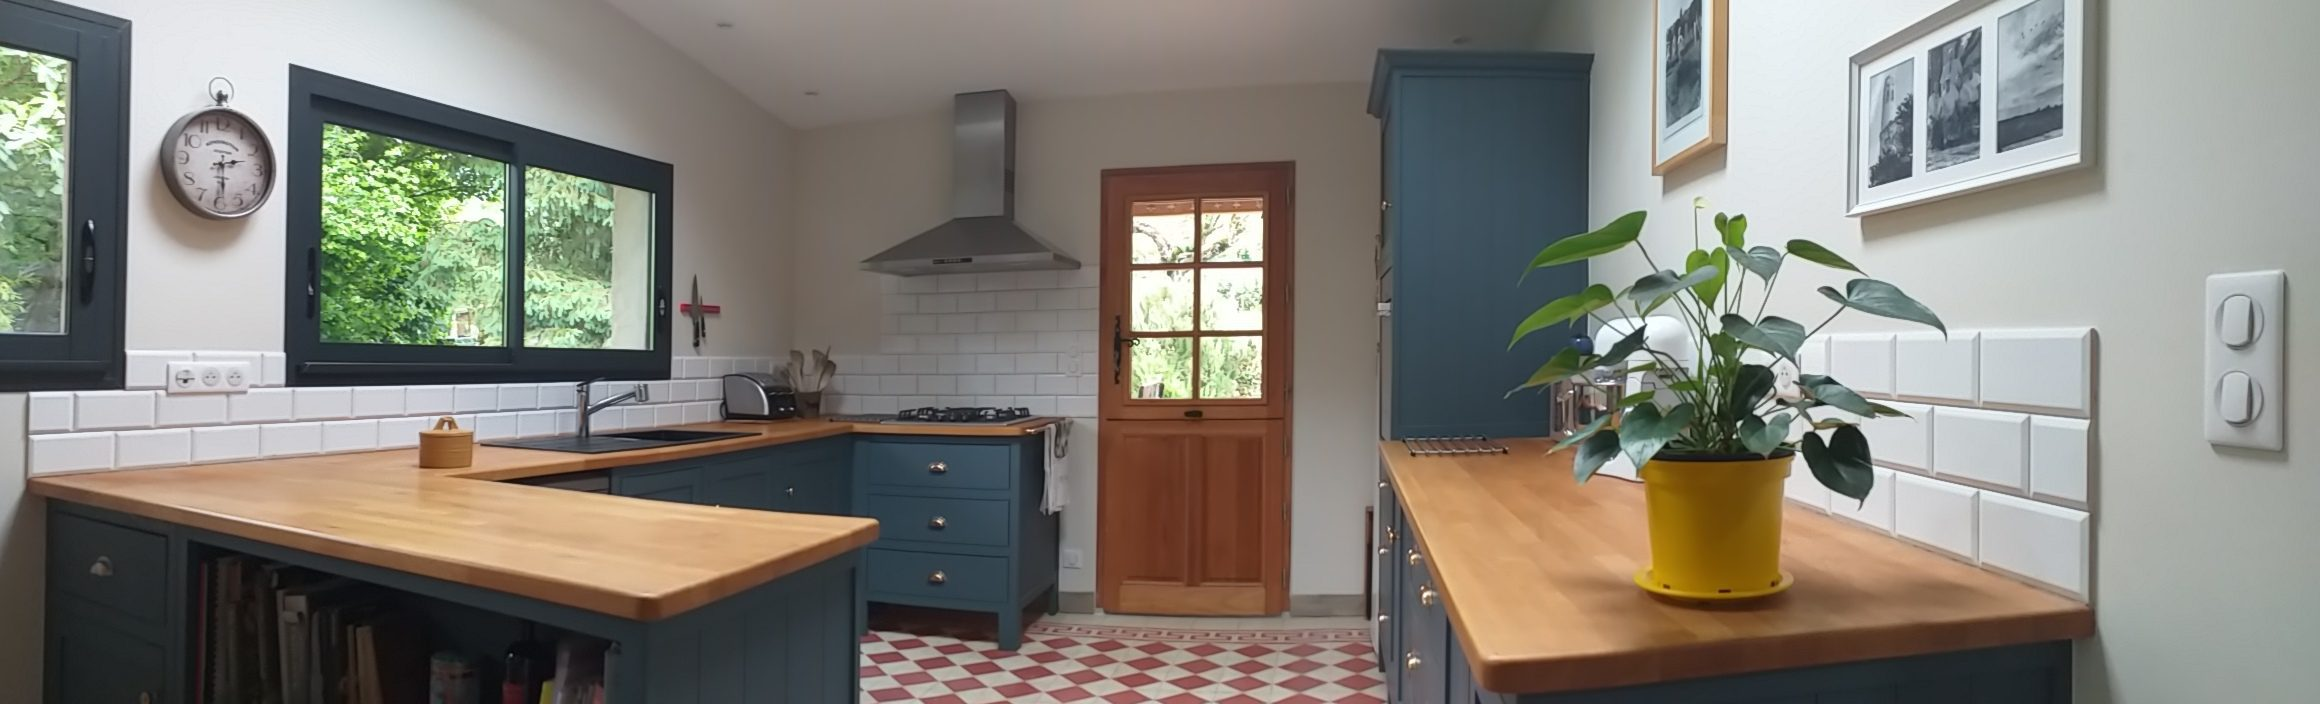 Aménagement cuisine travail d'un Artisan menuisier ébéniste